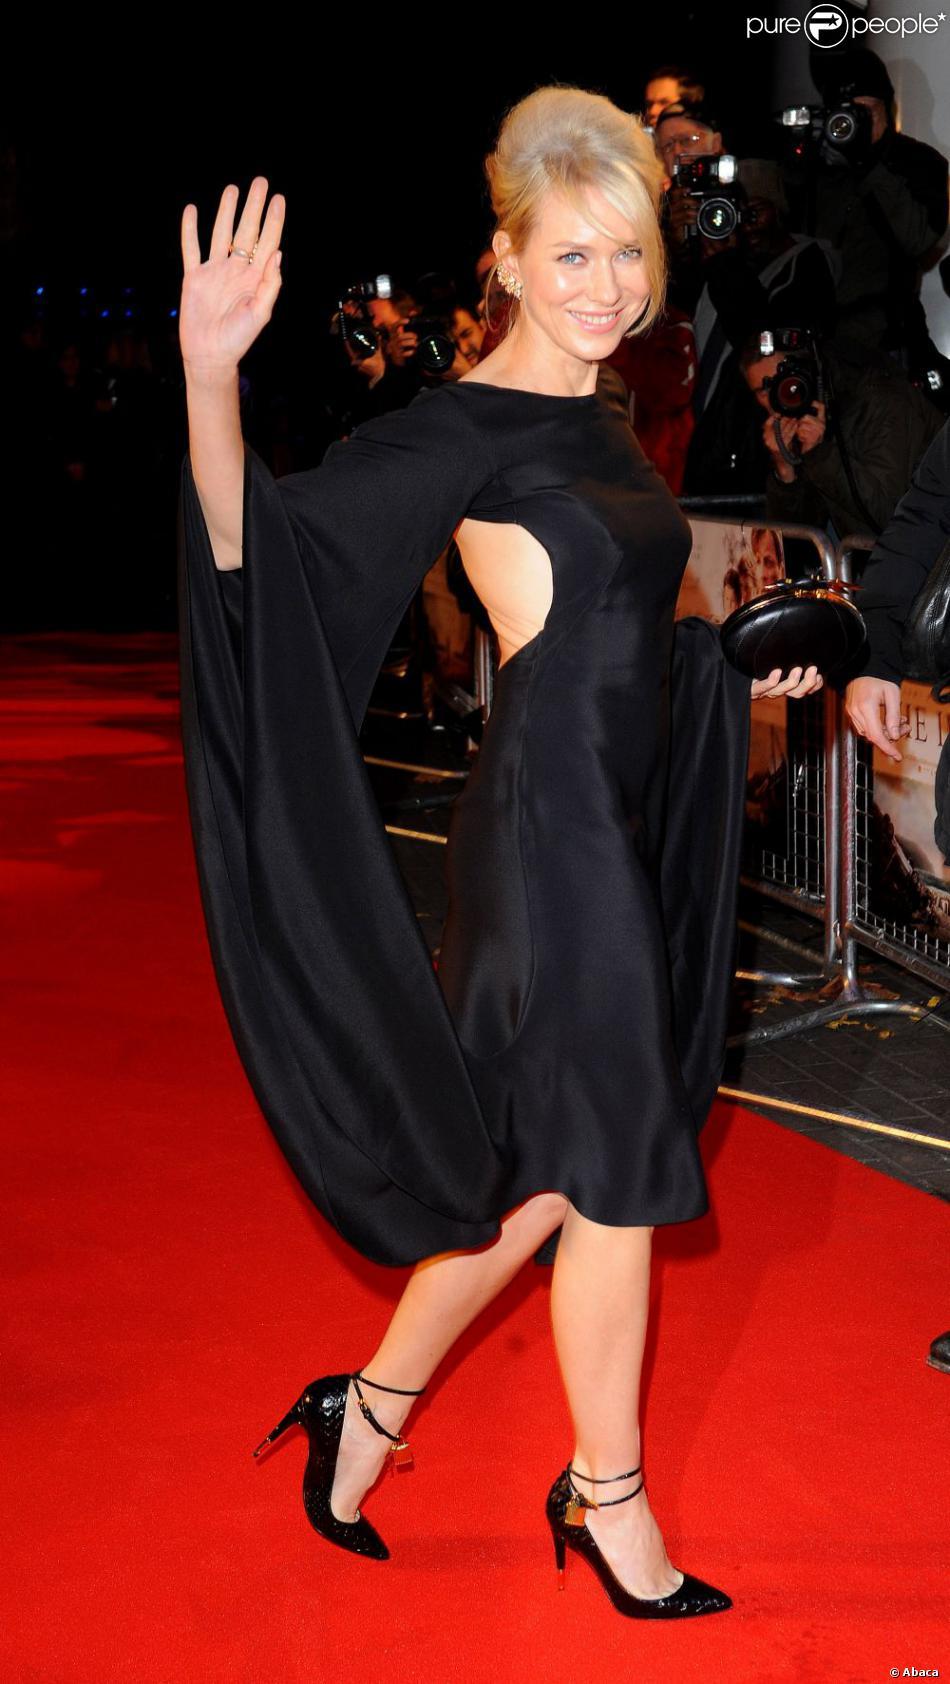 Naomi Watts lors de l'avant-première britannique de The Impossible au BFI Imax de Londres, le 19 novembre 2012.